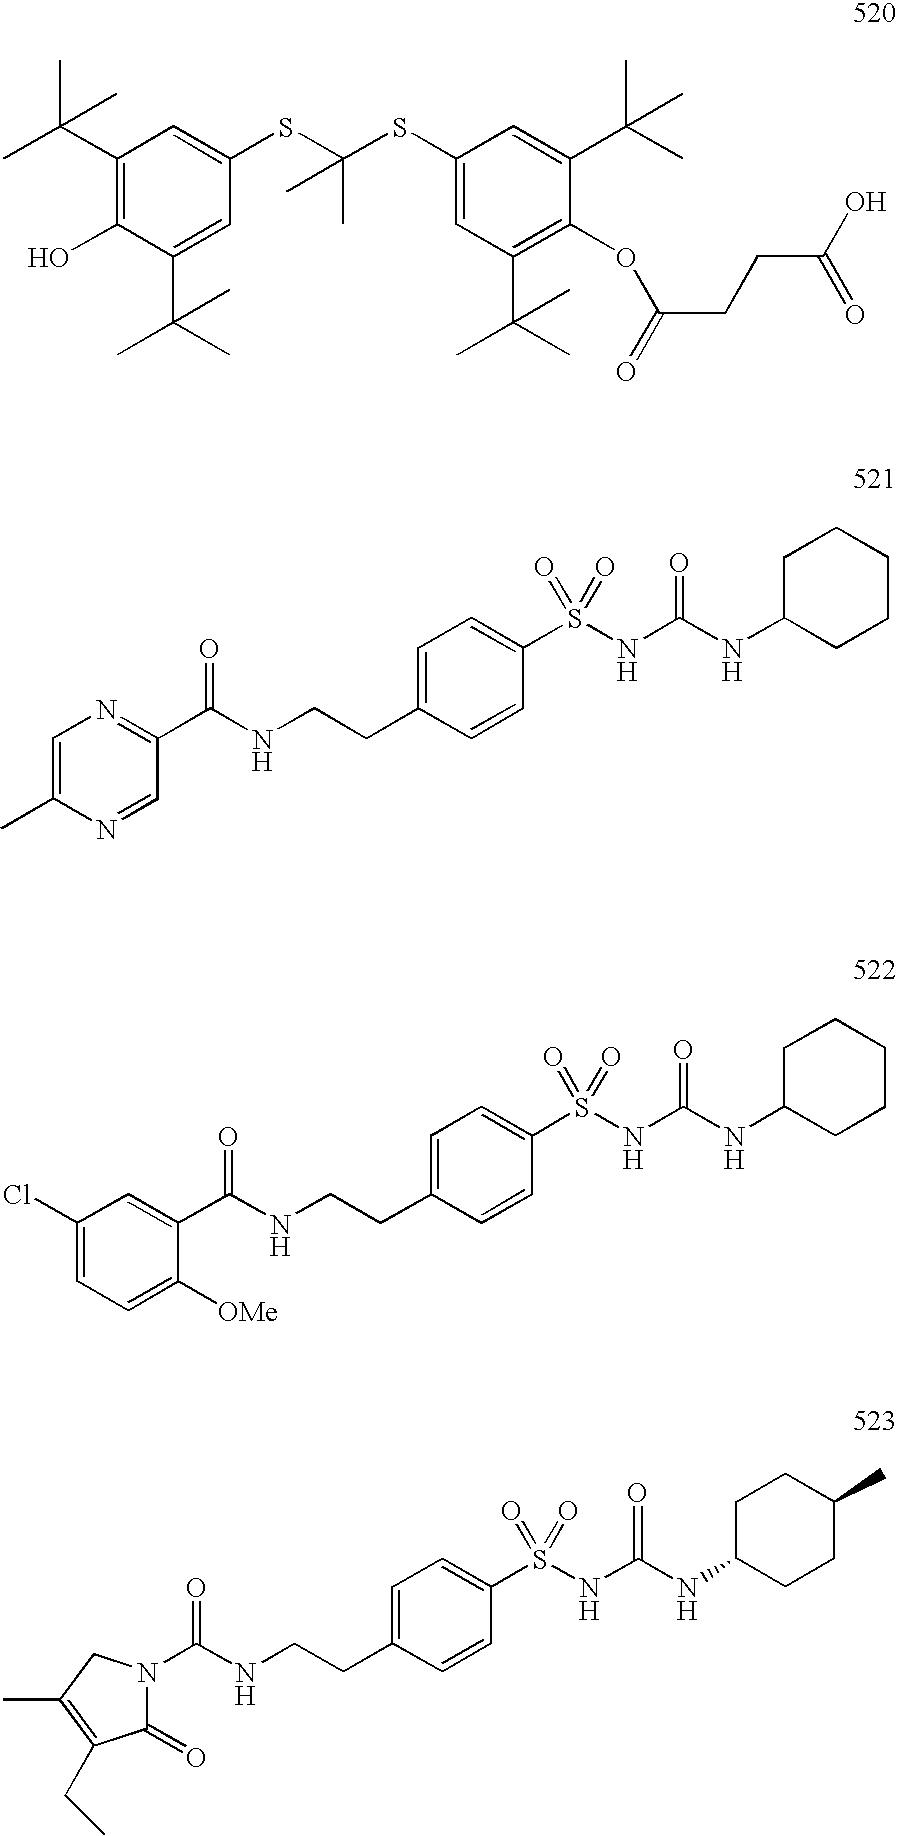 Figure US07407965-20080805-C00005